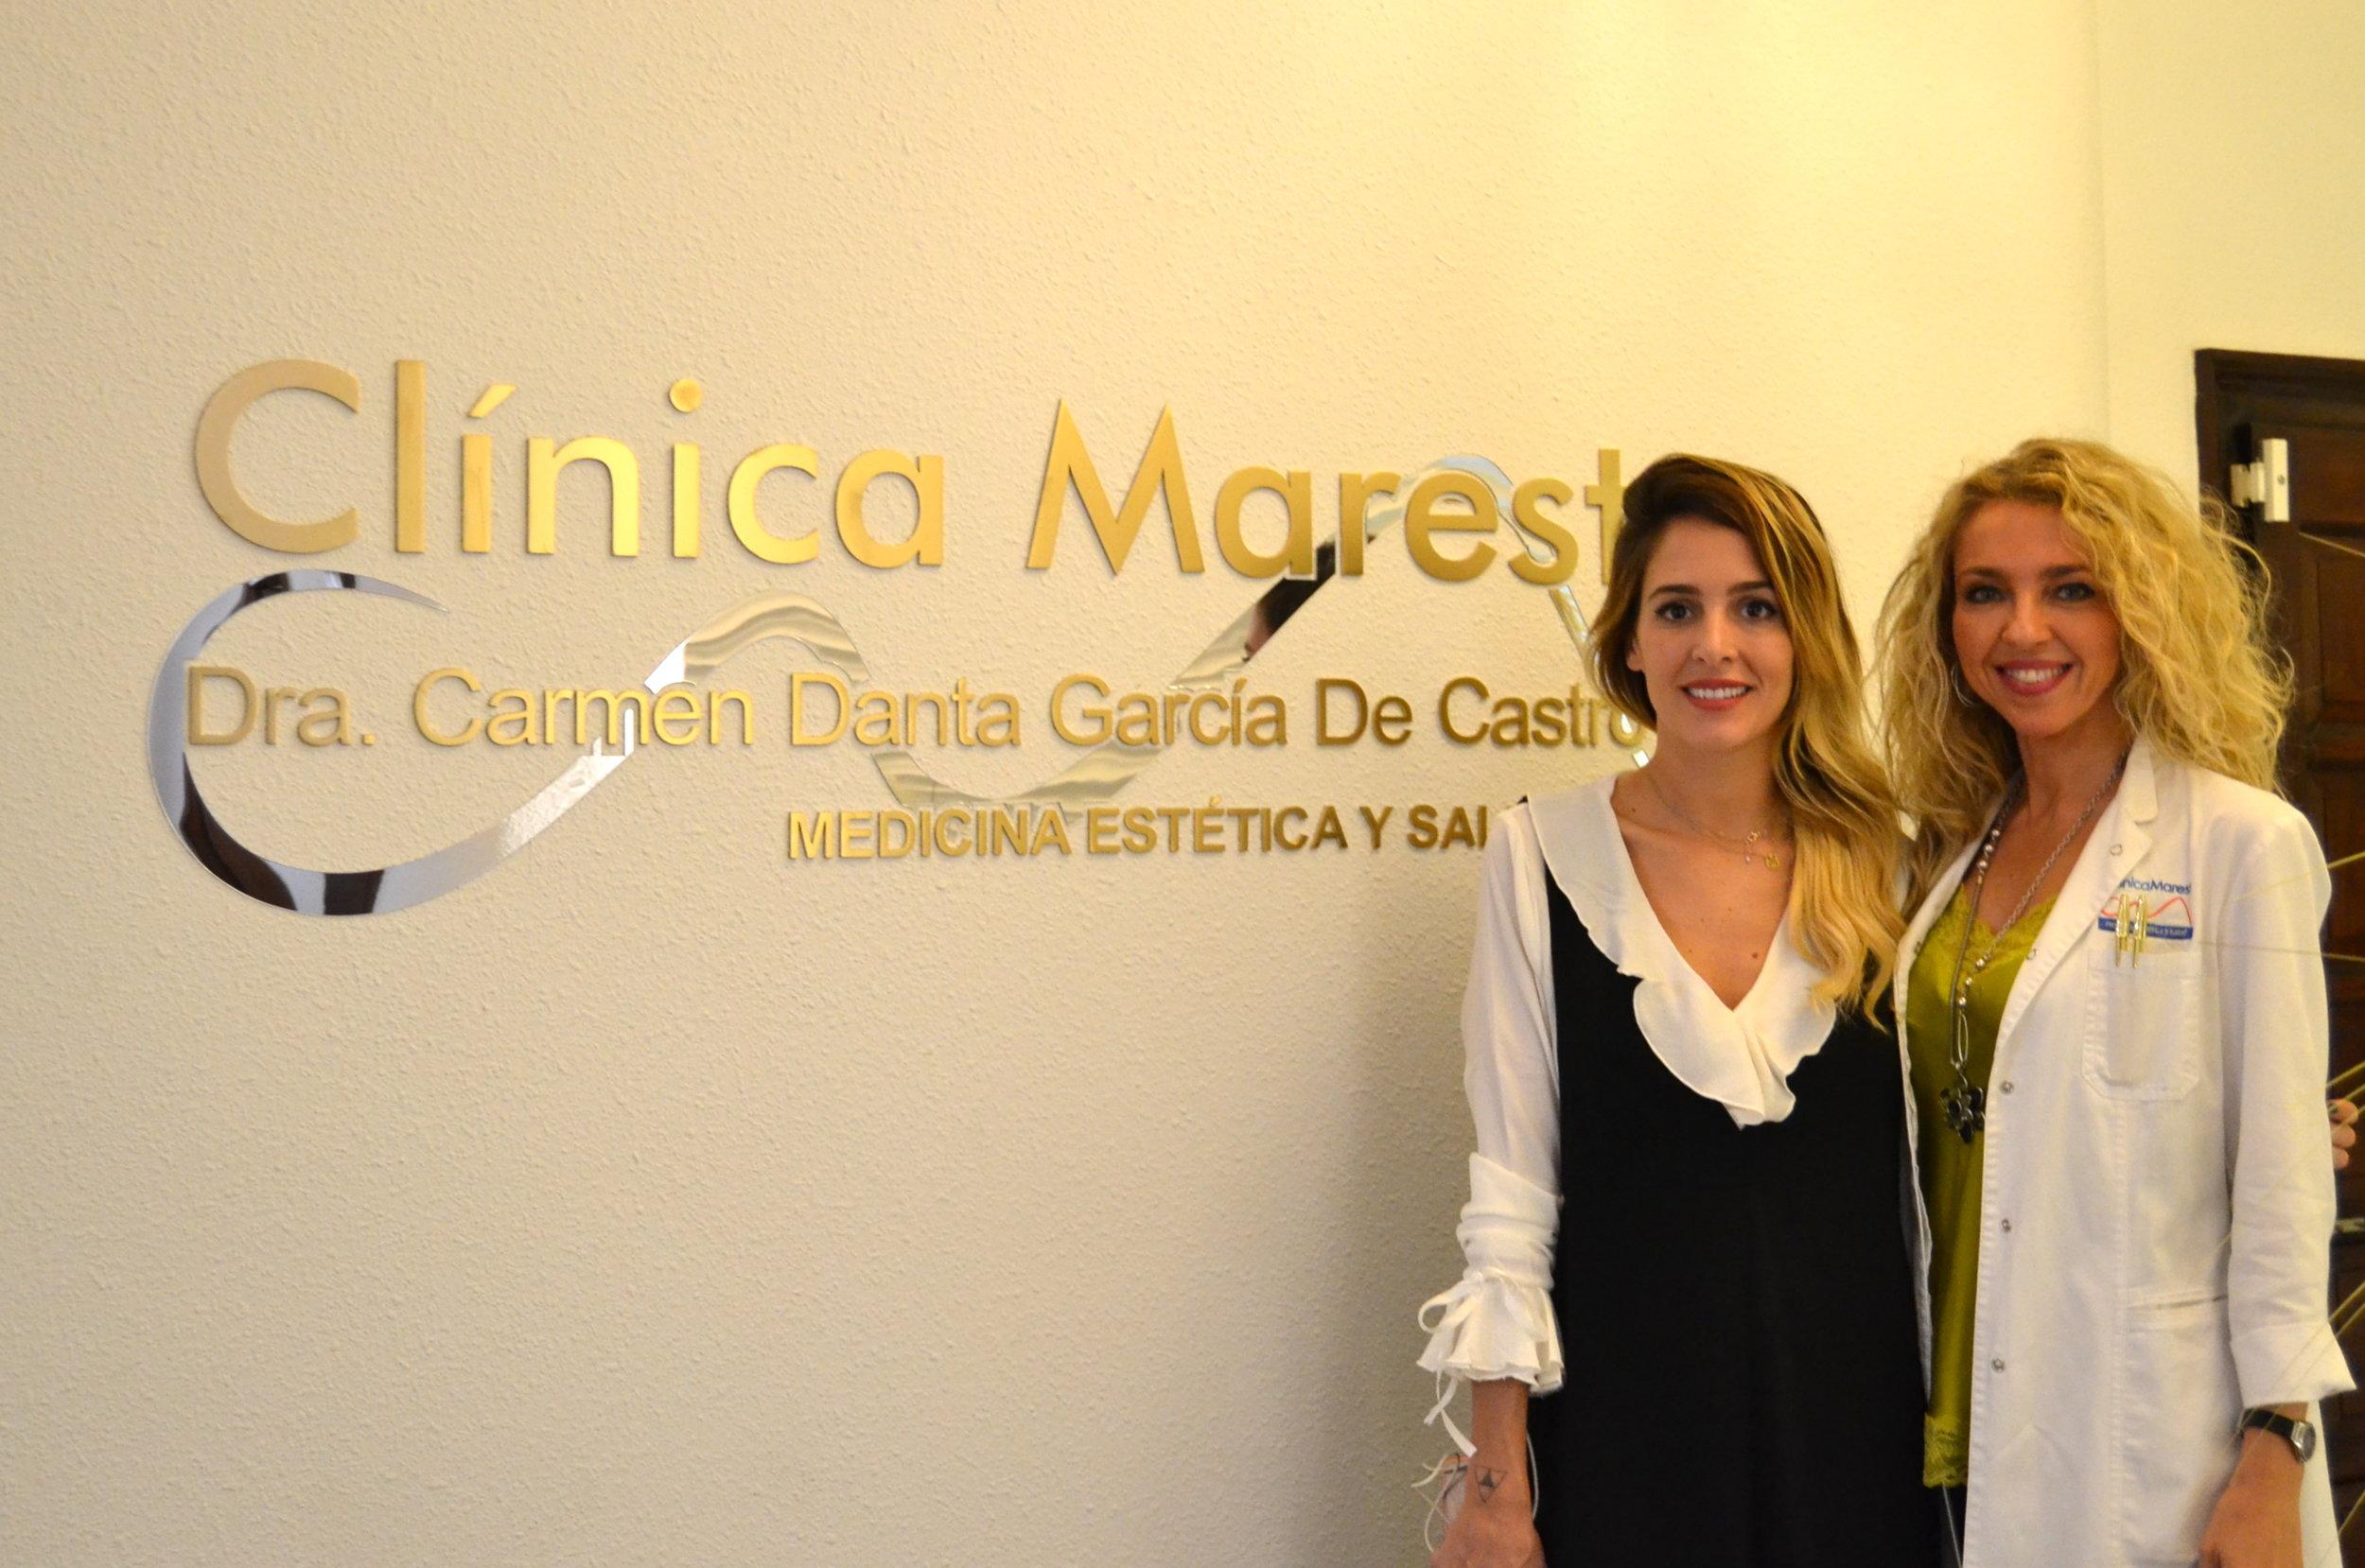 evento-clinica-marest-influencers (25).JPG